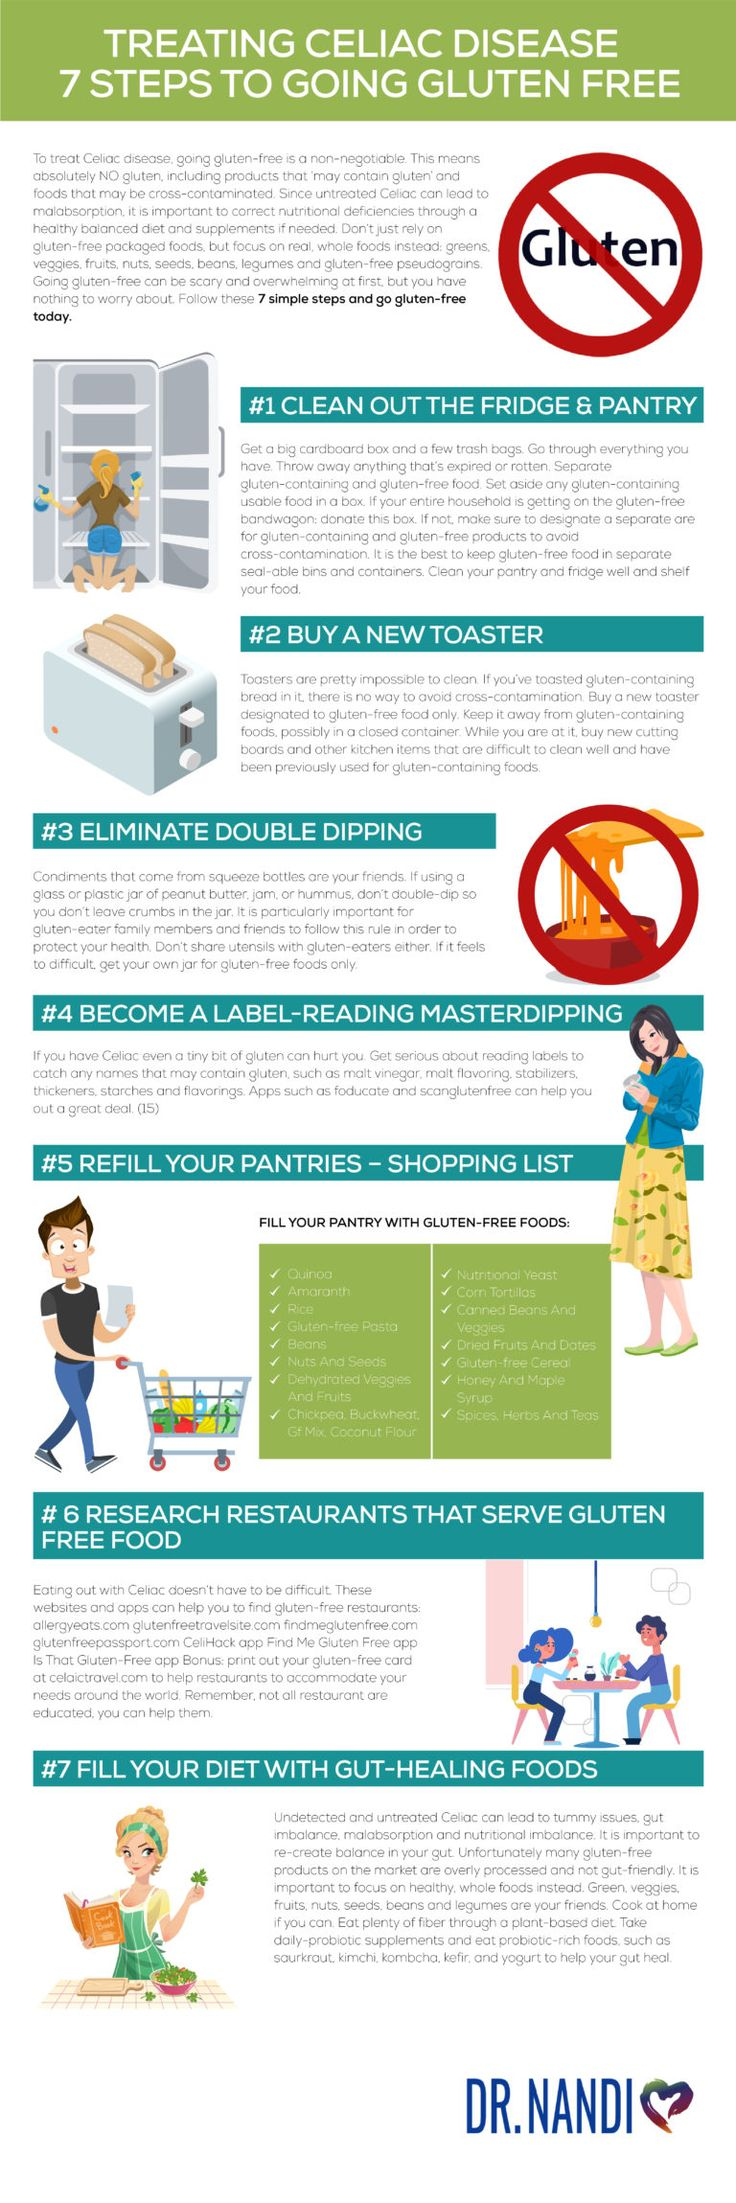 Celiac Disease- Symptoms, Diagnosis And Going Gluten-Free ...